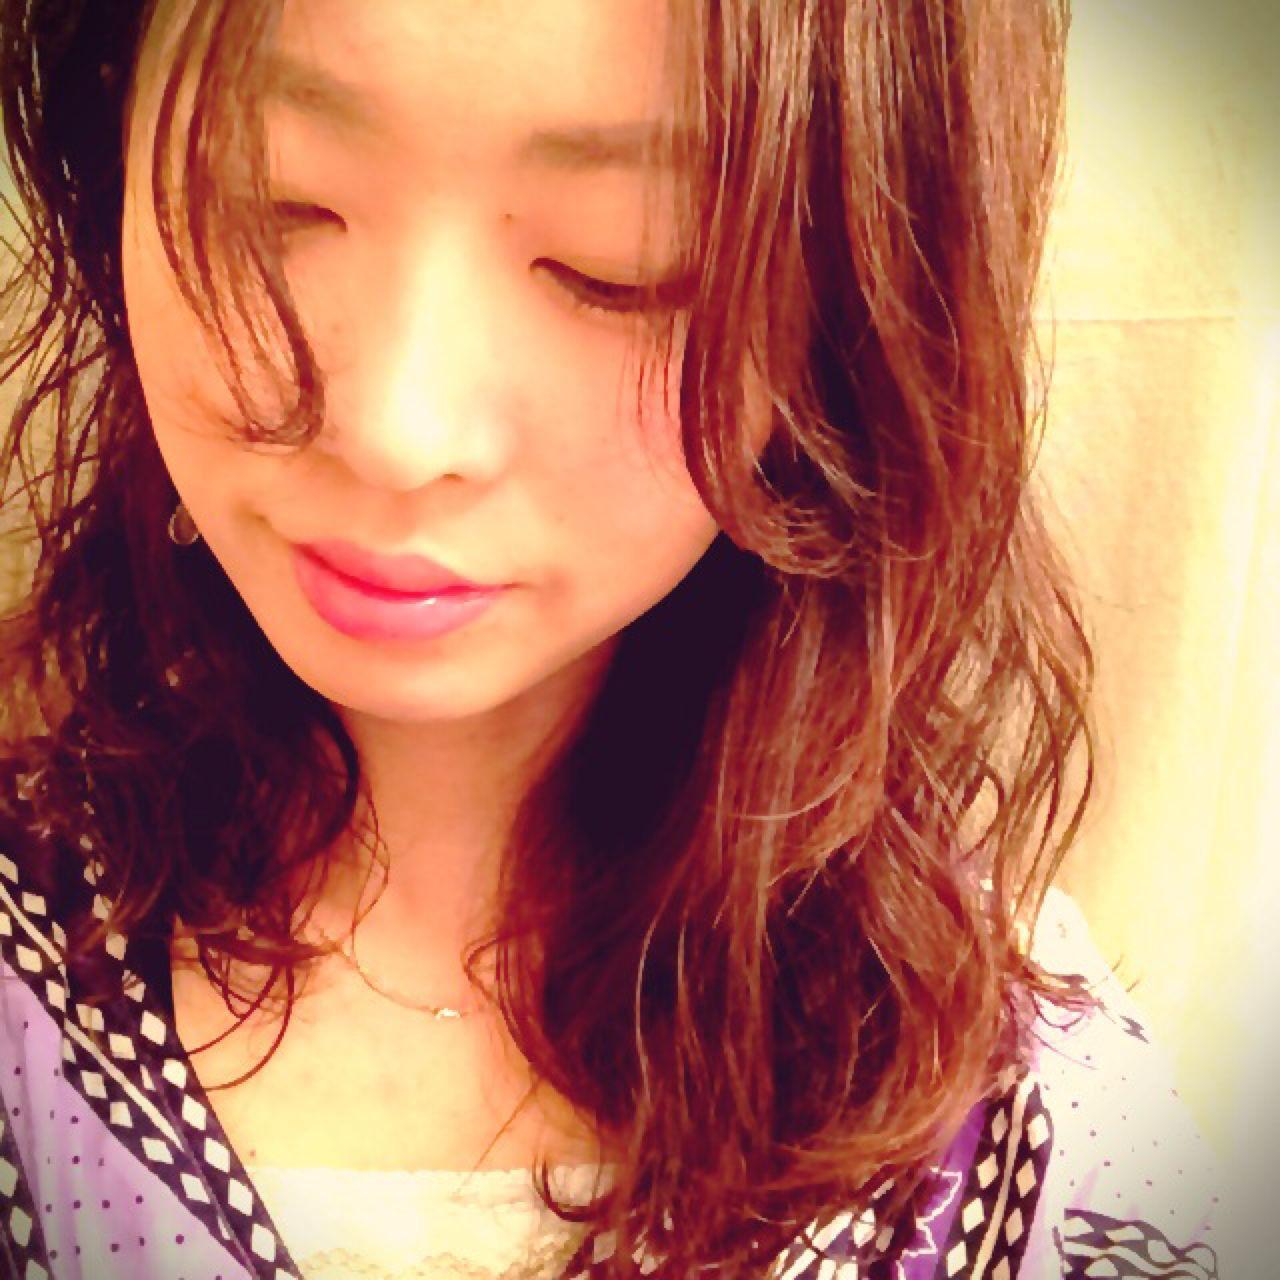 芸能人でも発見!今年の可愛い髪型は「ミディアム」ヘアにあり! 世良 綾花 (ACQUA omotesando)